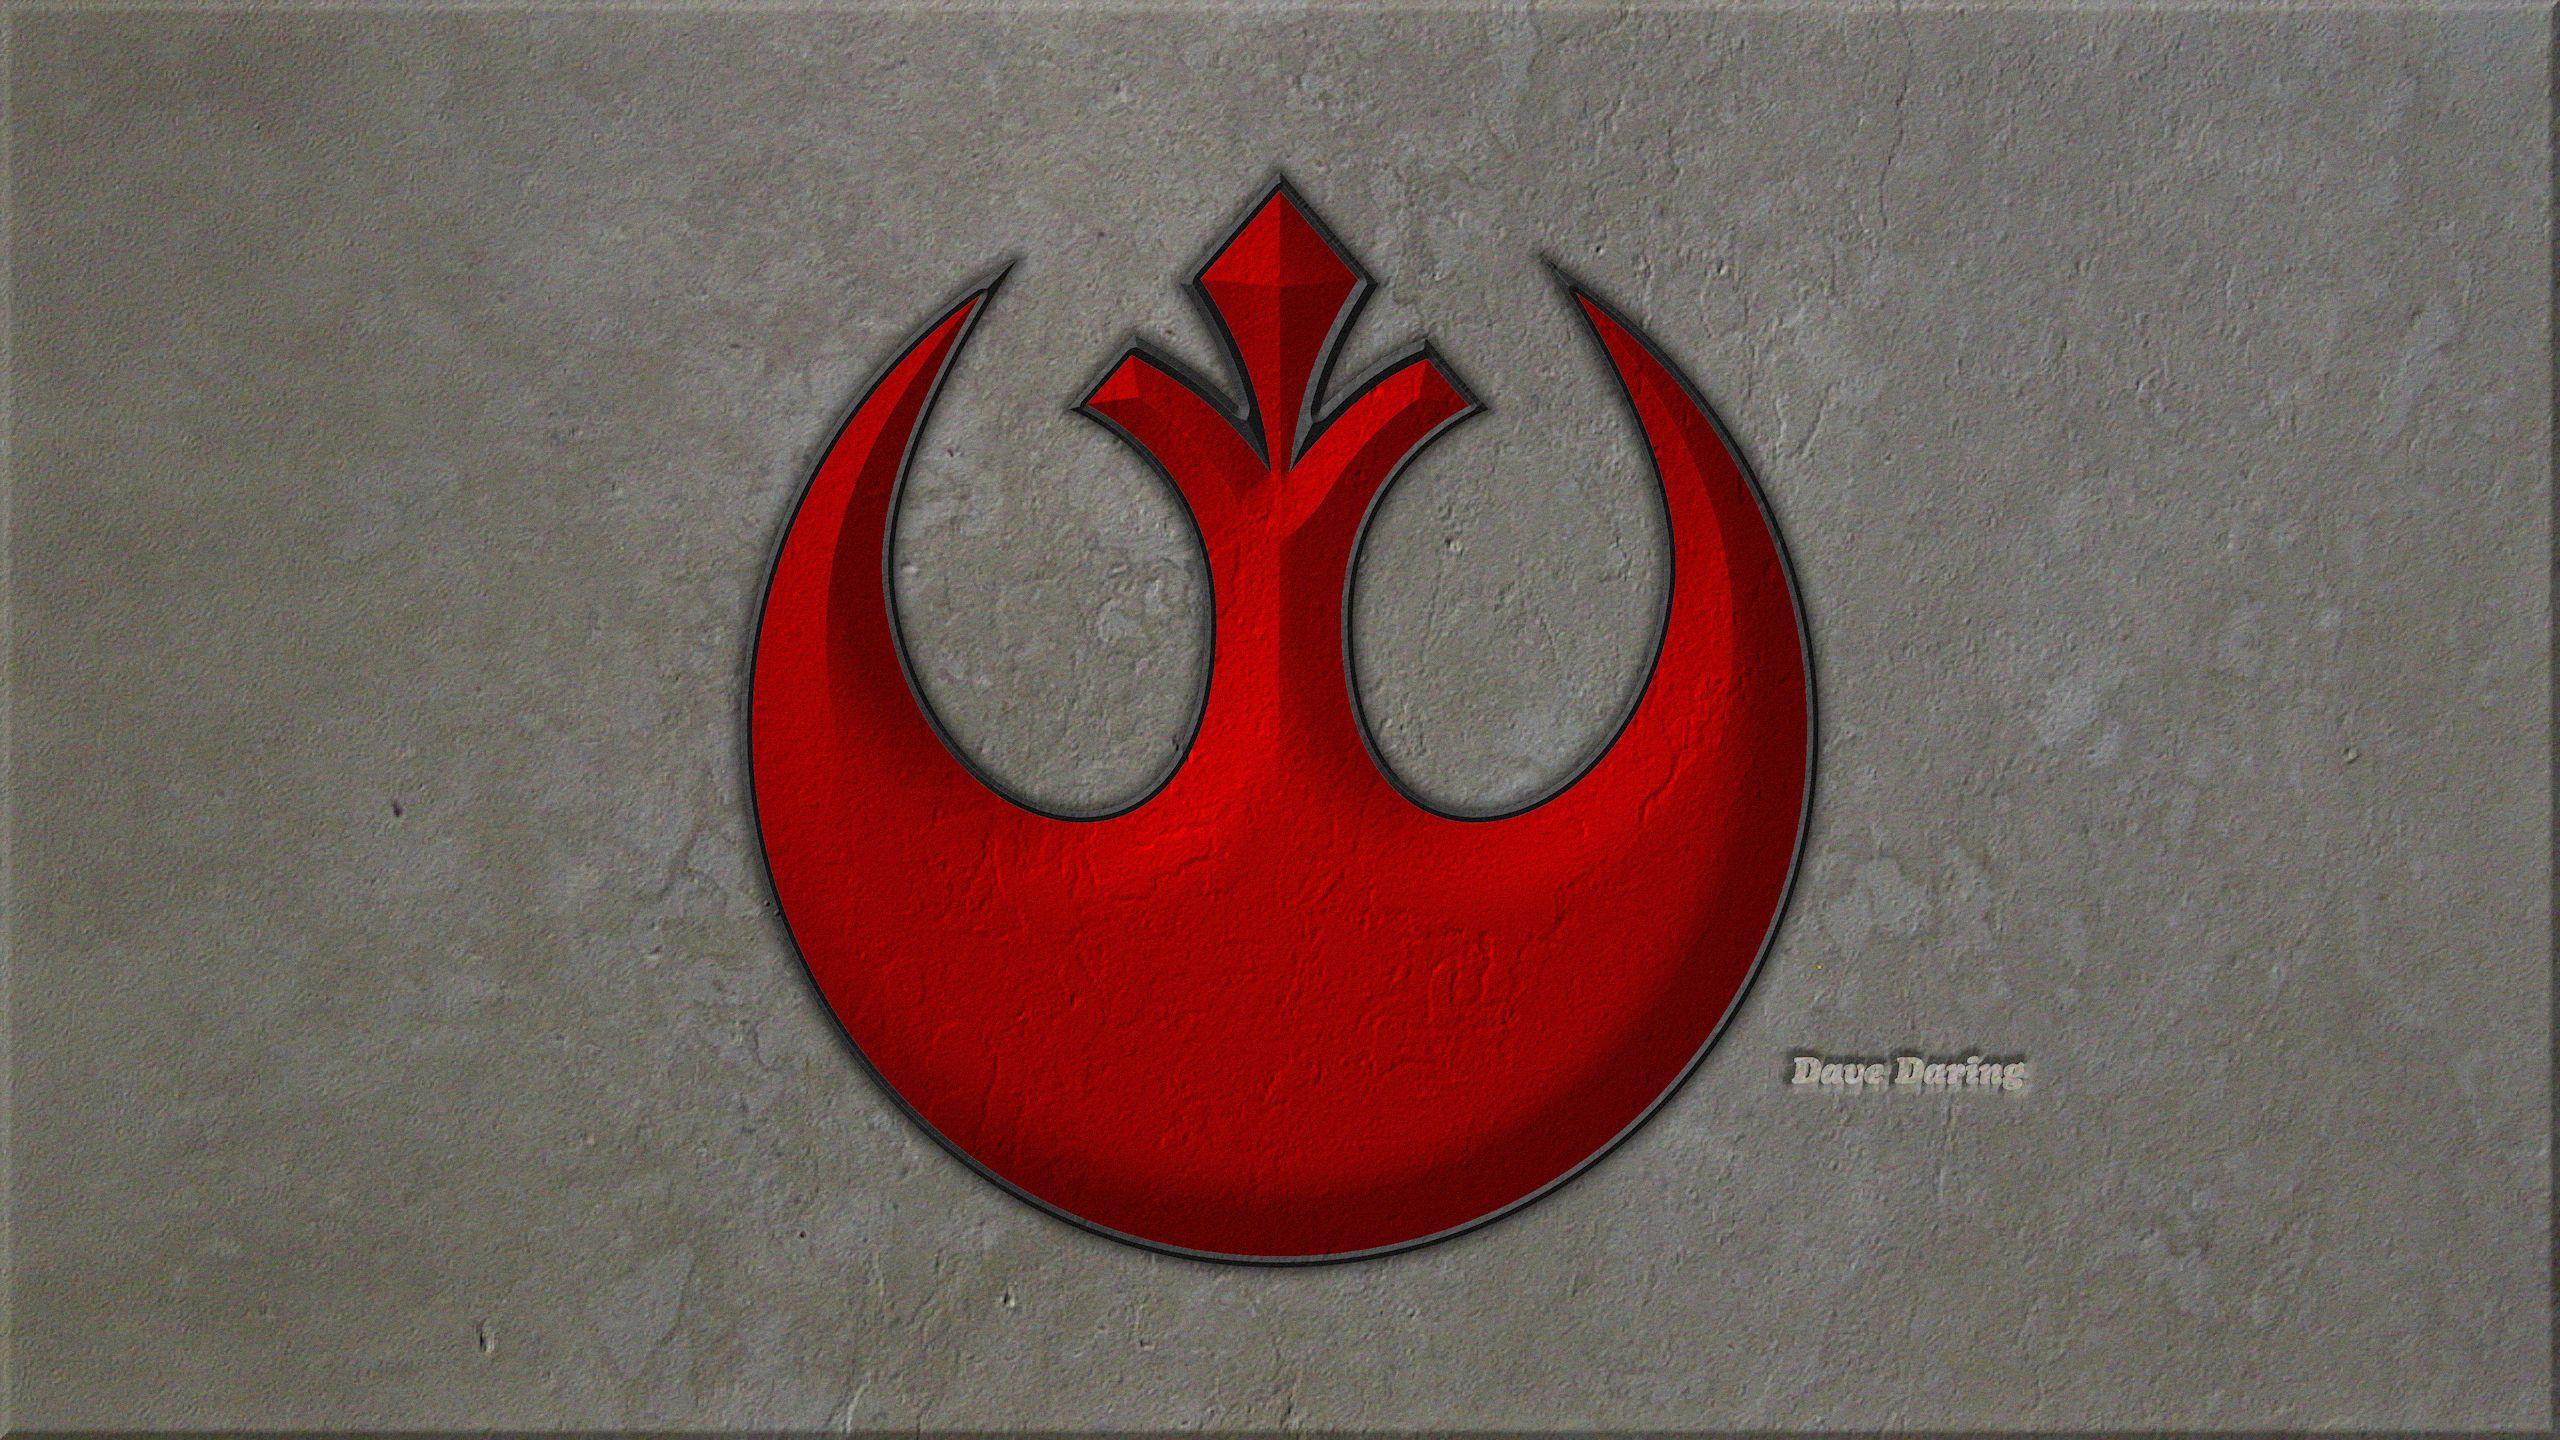 rebel alliance wallpaper - wallpapersafari